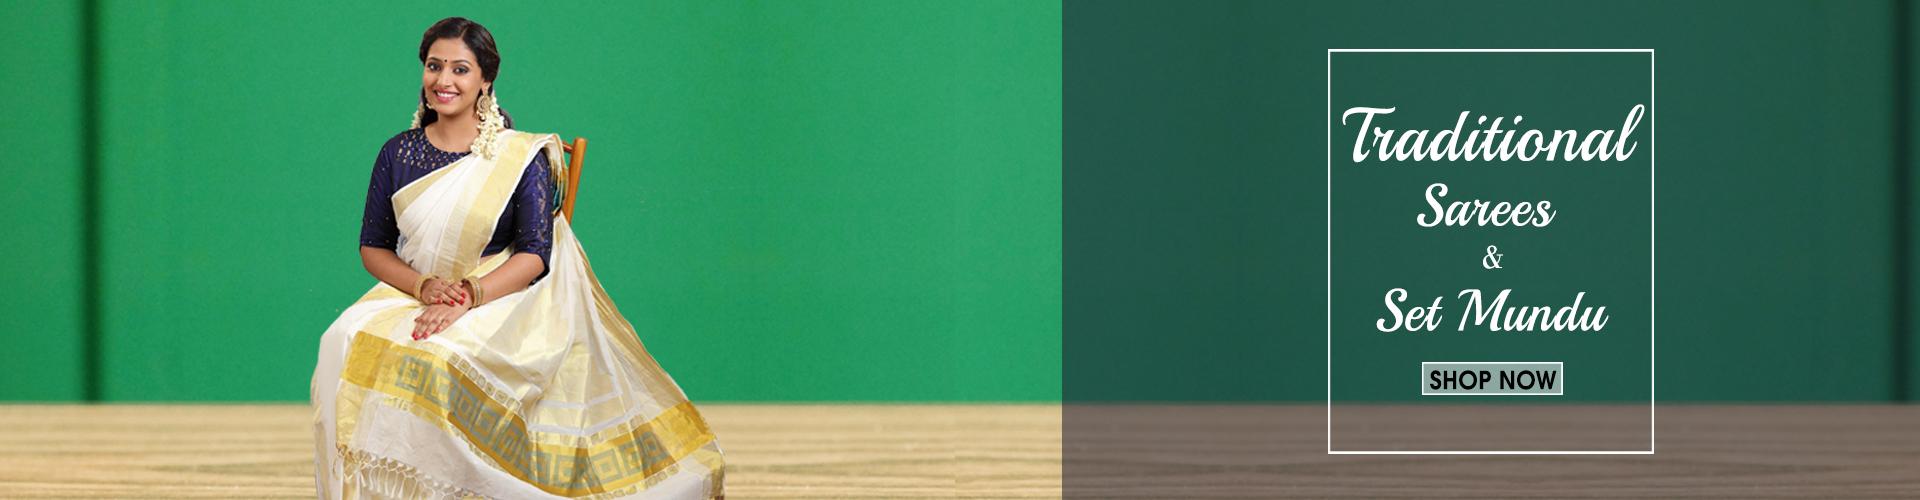 Traditional sarees & Set mundu